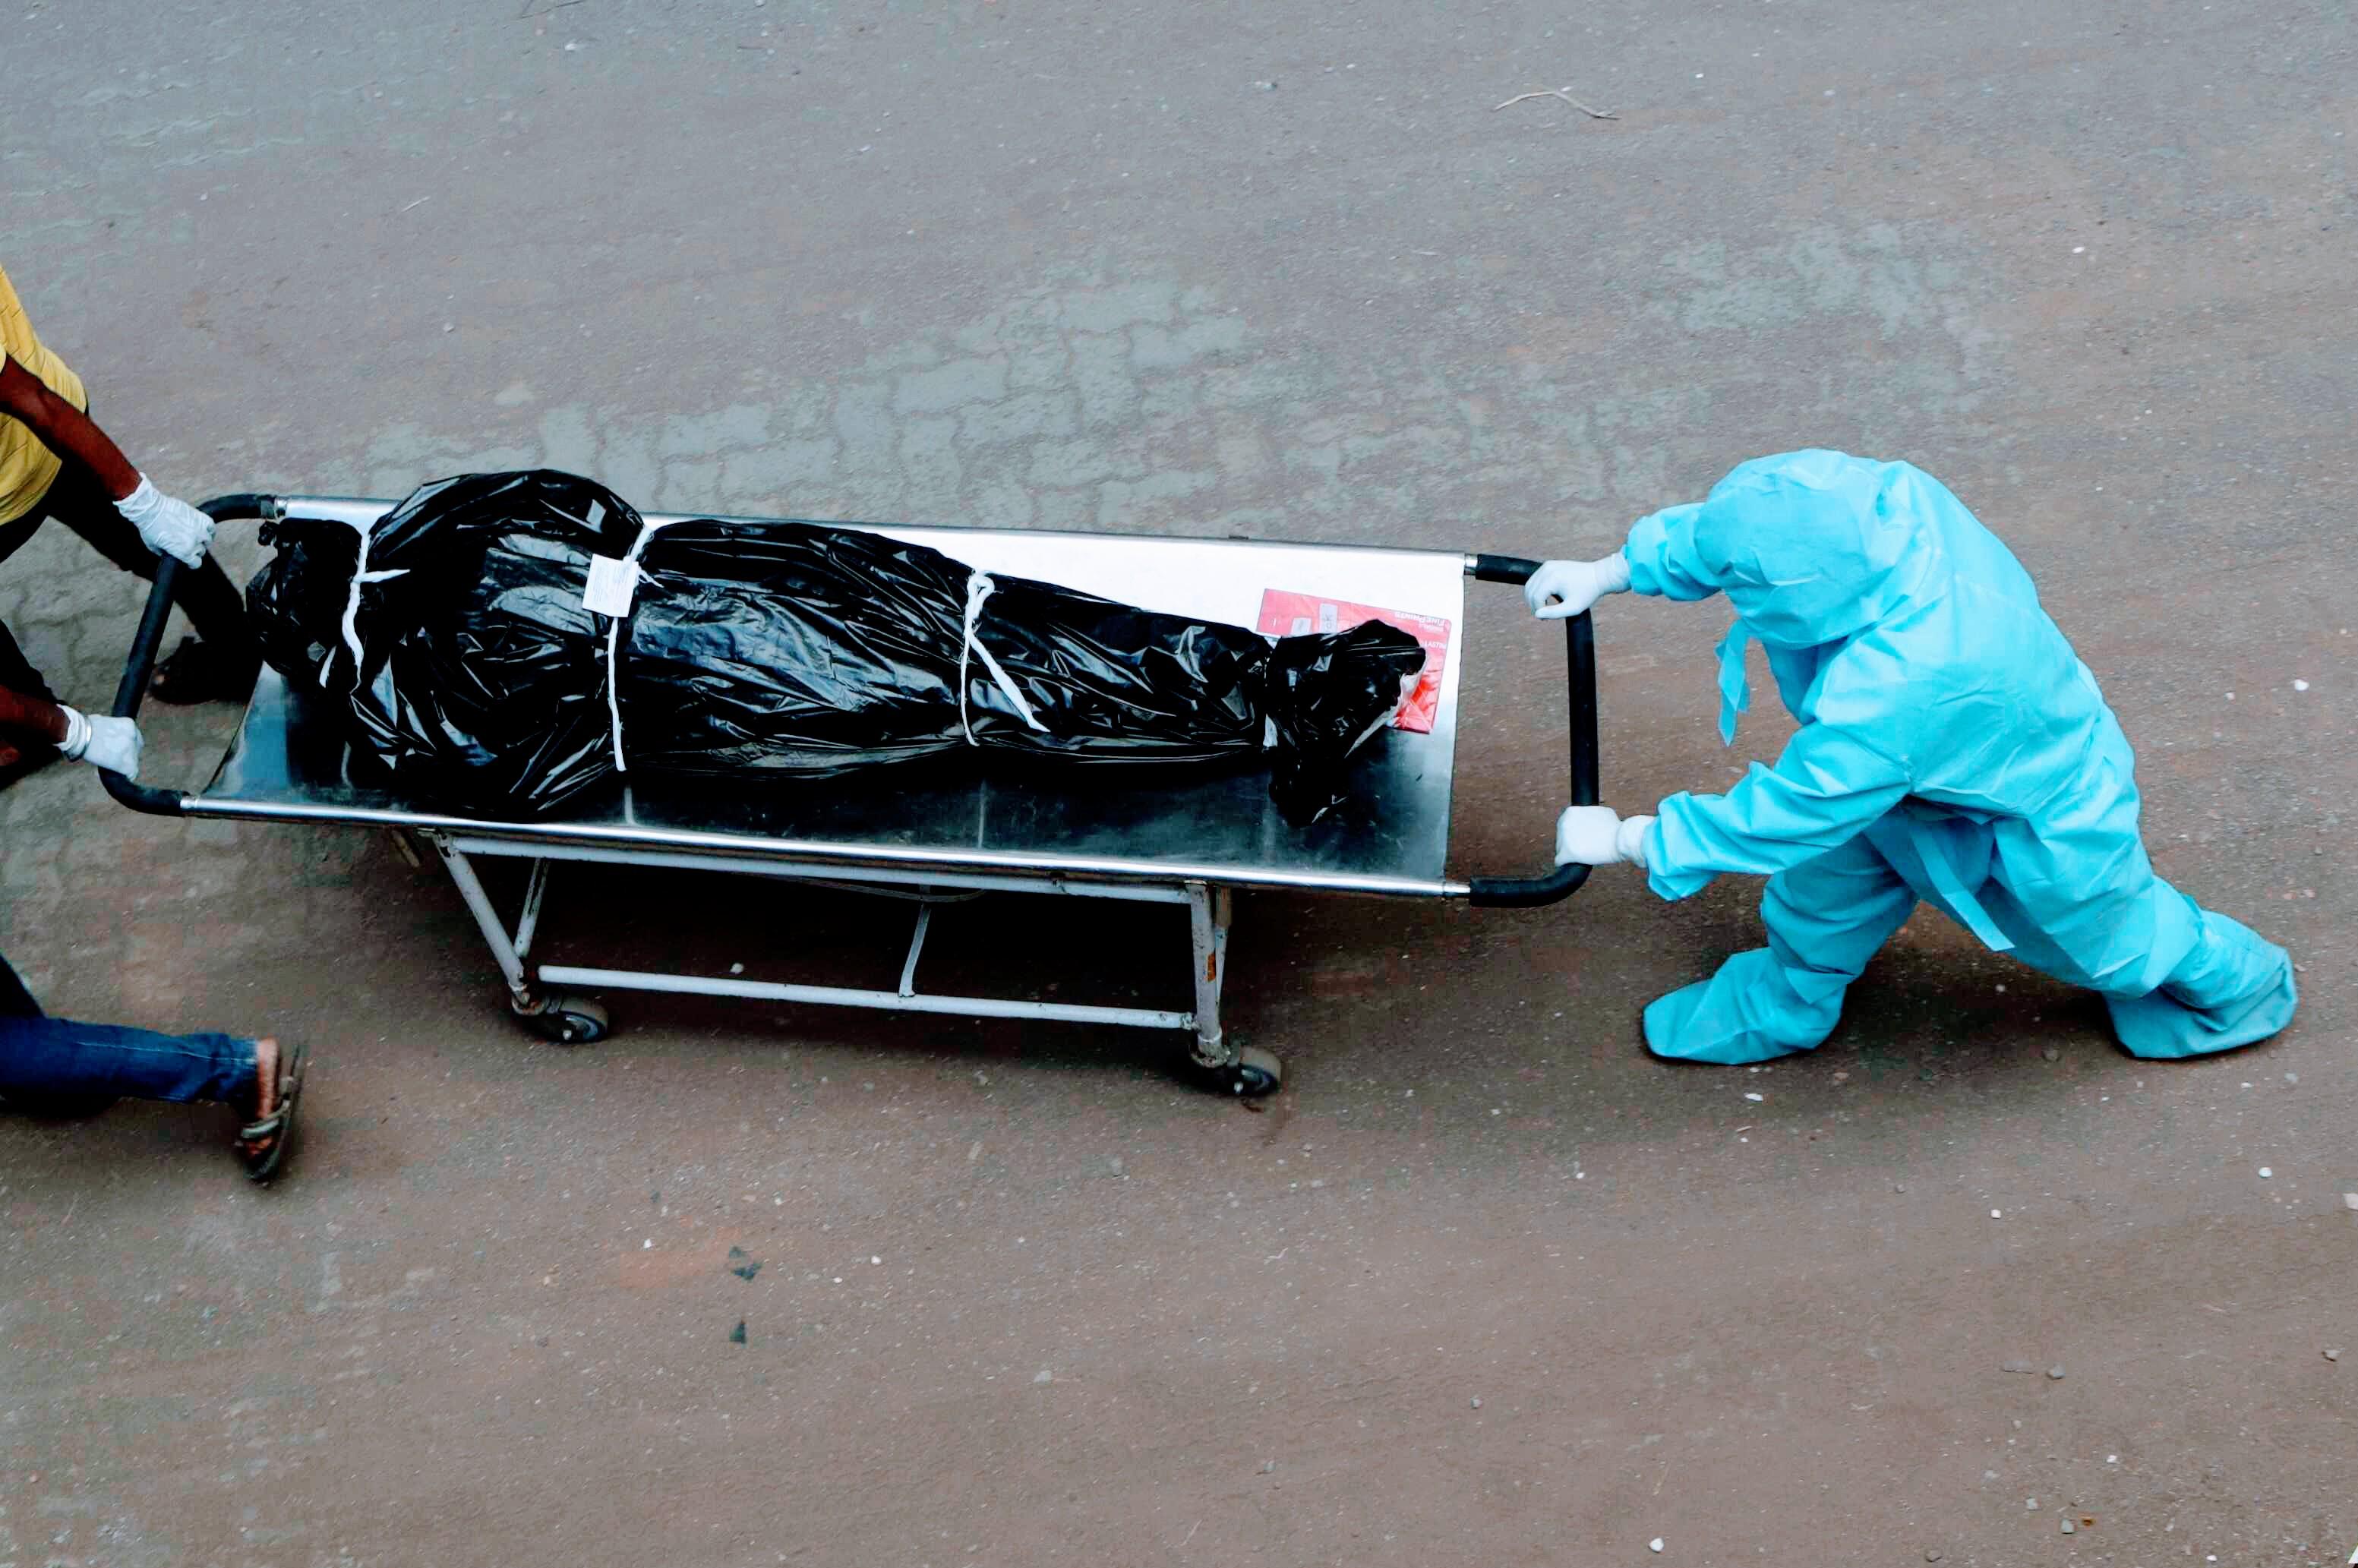 वीरगञ्जमा थप एकजना कोरोना संक्रमित पुरुषको उपचारको क्रममा मृत्यु।